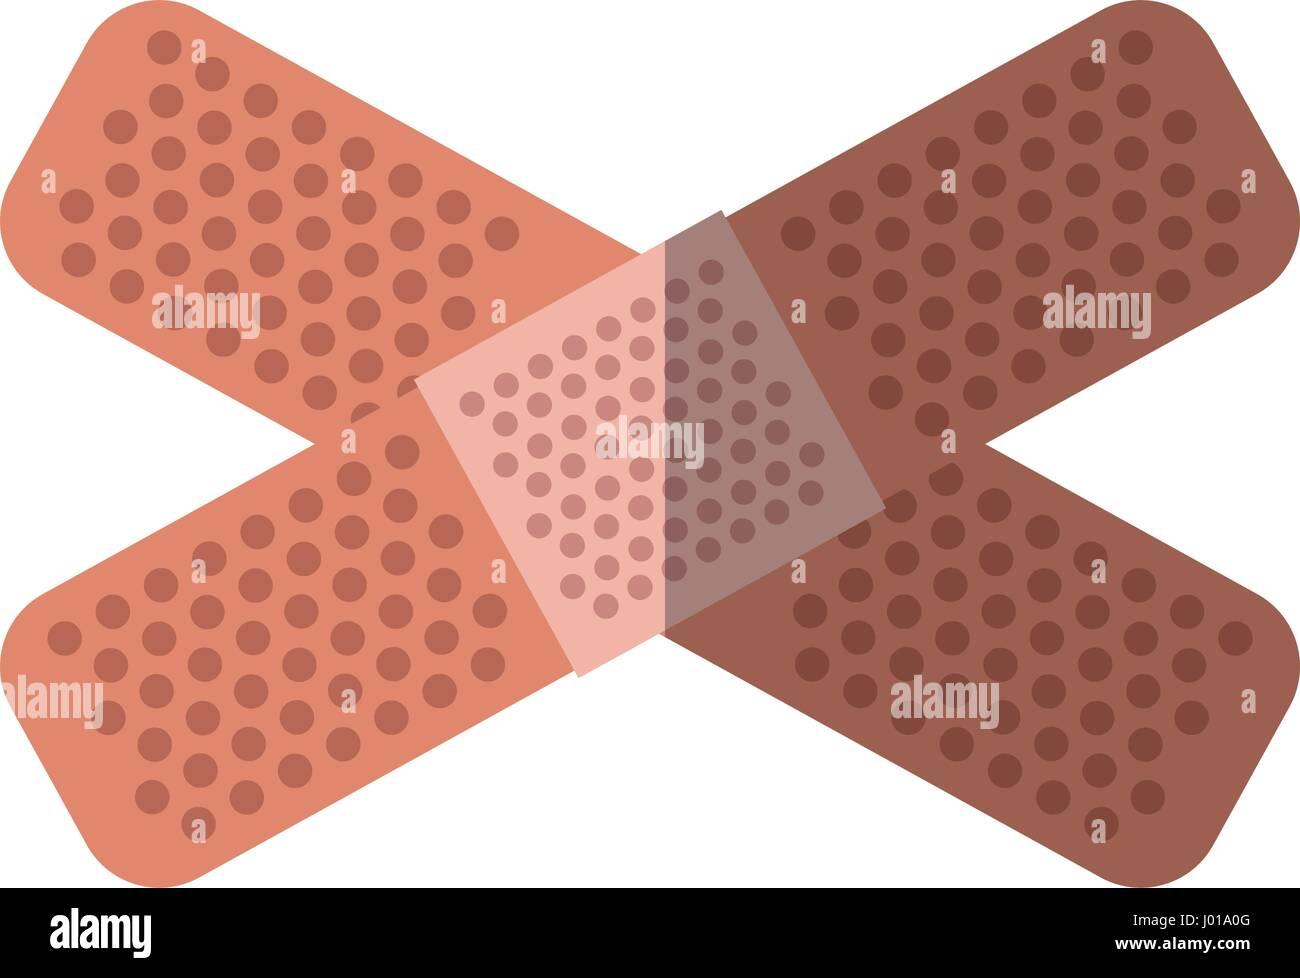 adhesive bandages icon - Stock Image